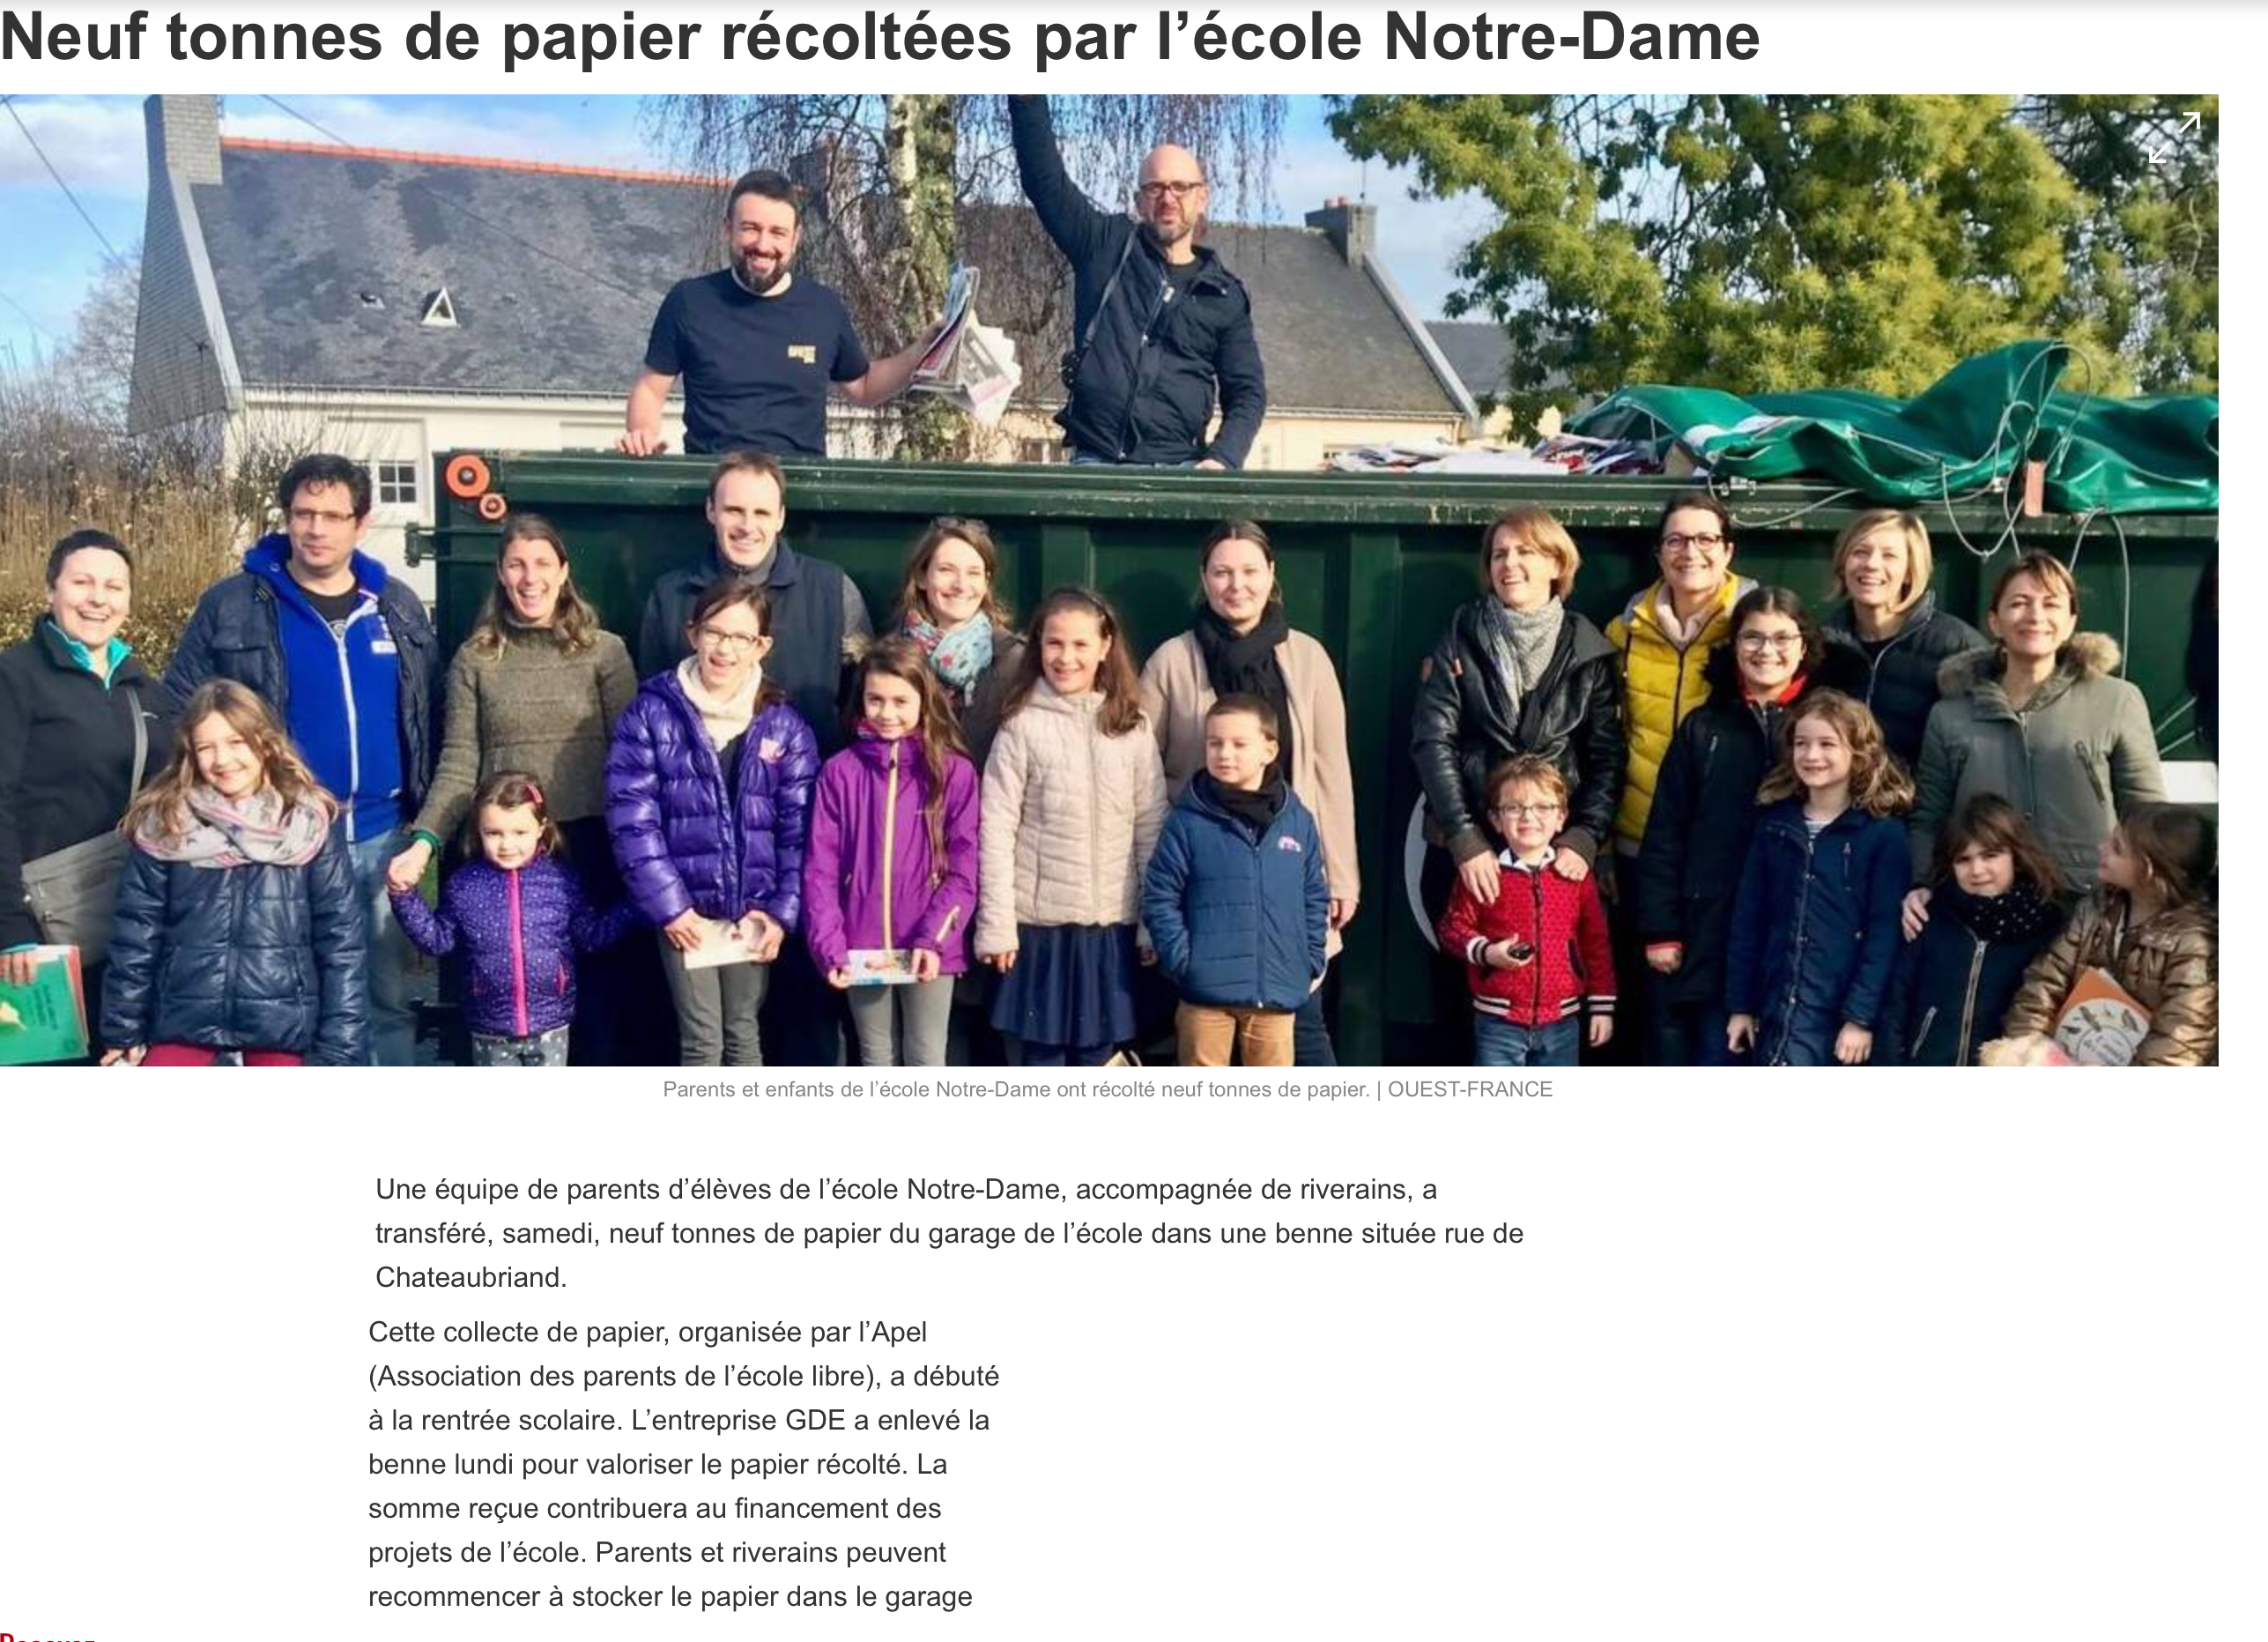 Neuf tonnes de papier récoltées par l'école Notre-Dame